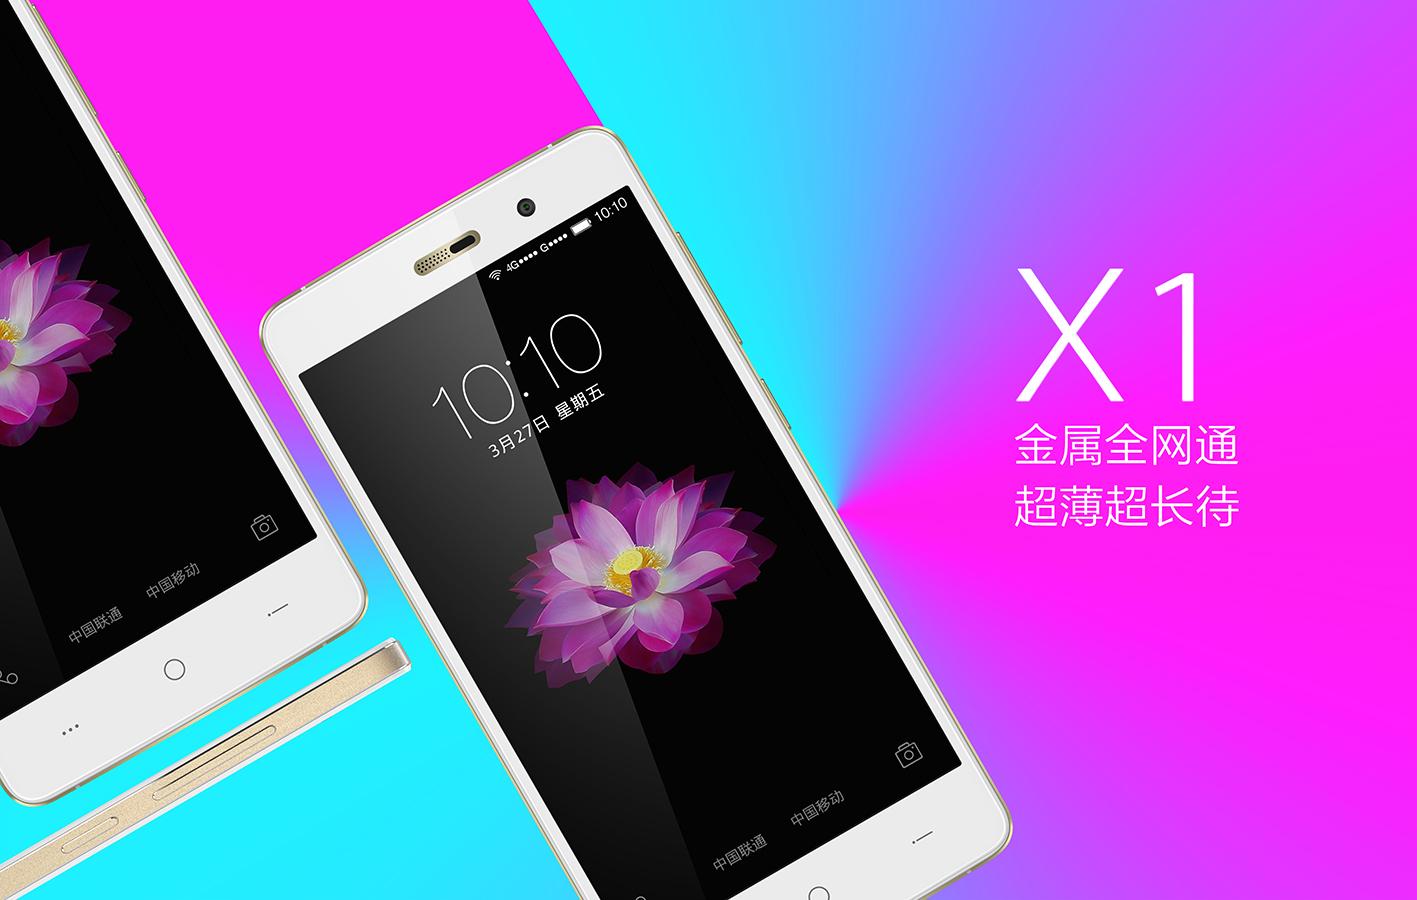 天语m600手机qq下载_天语i610手机主题免费下载